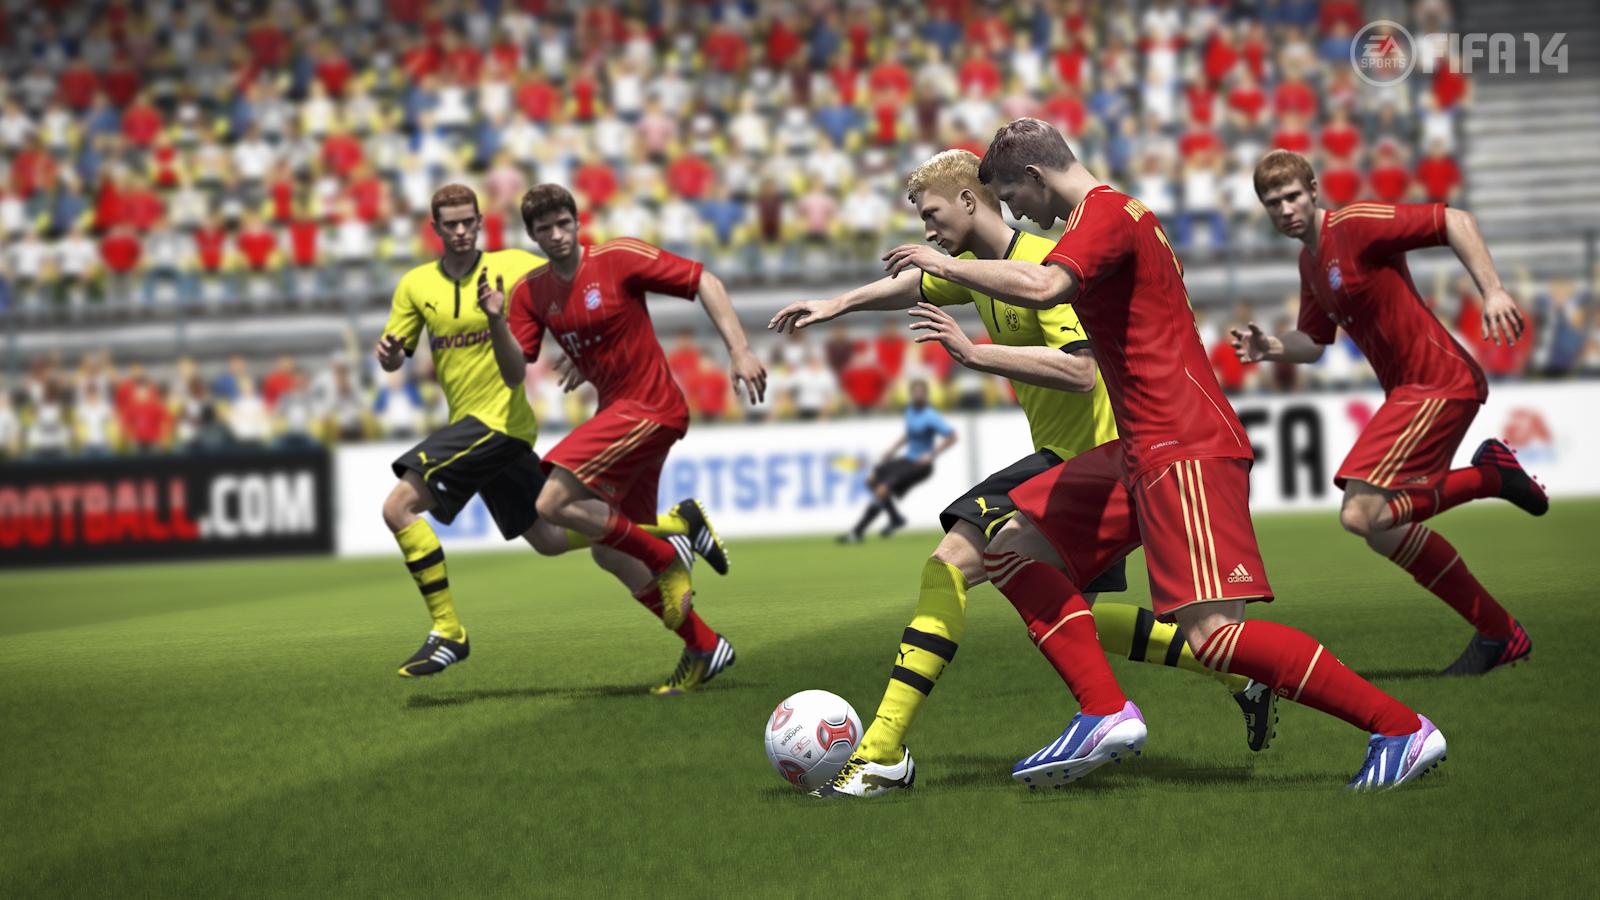 FIFA14_NG_DE_protect_the_ball_WM